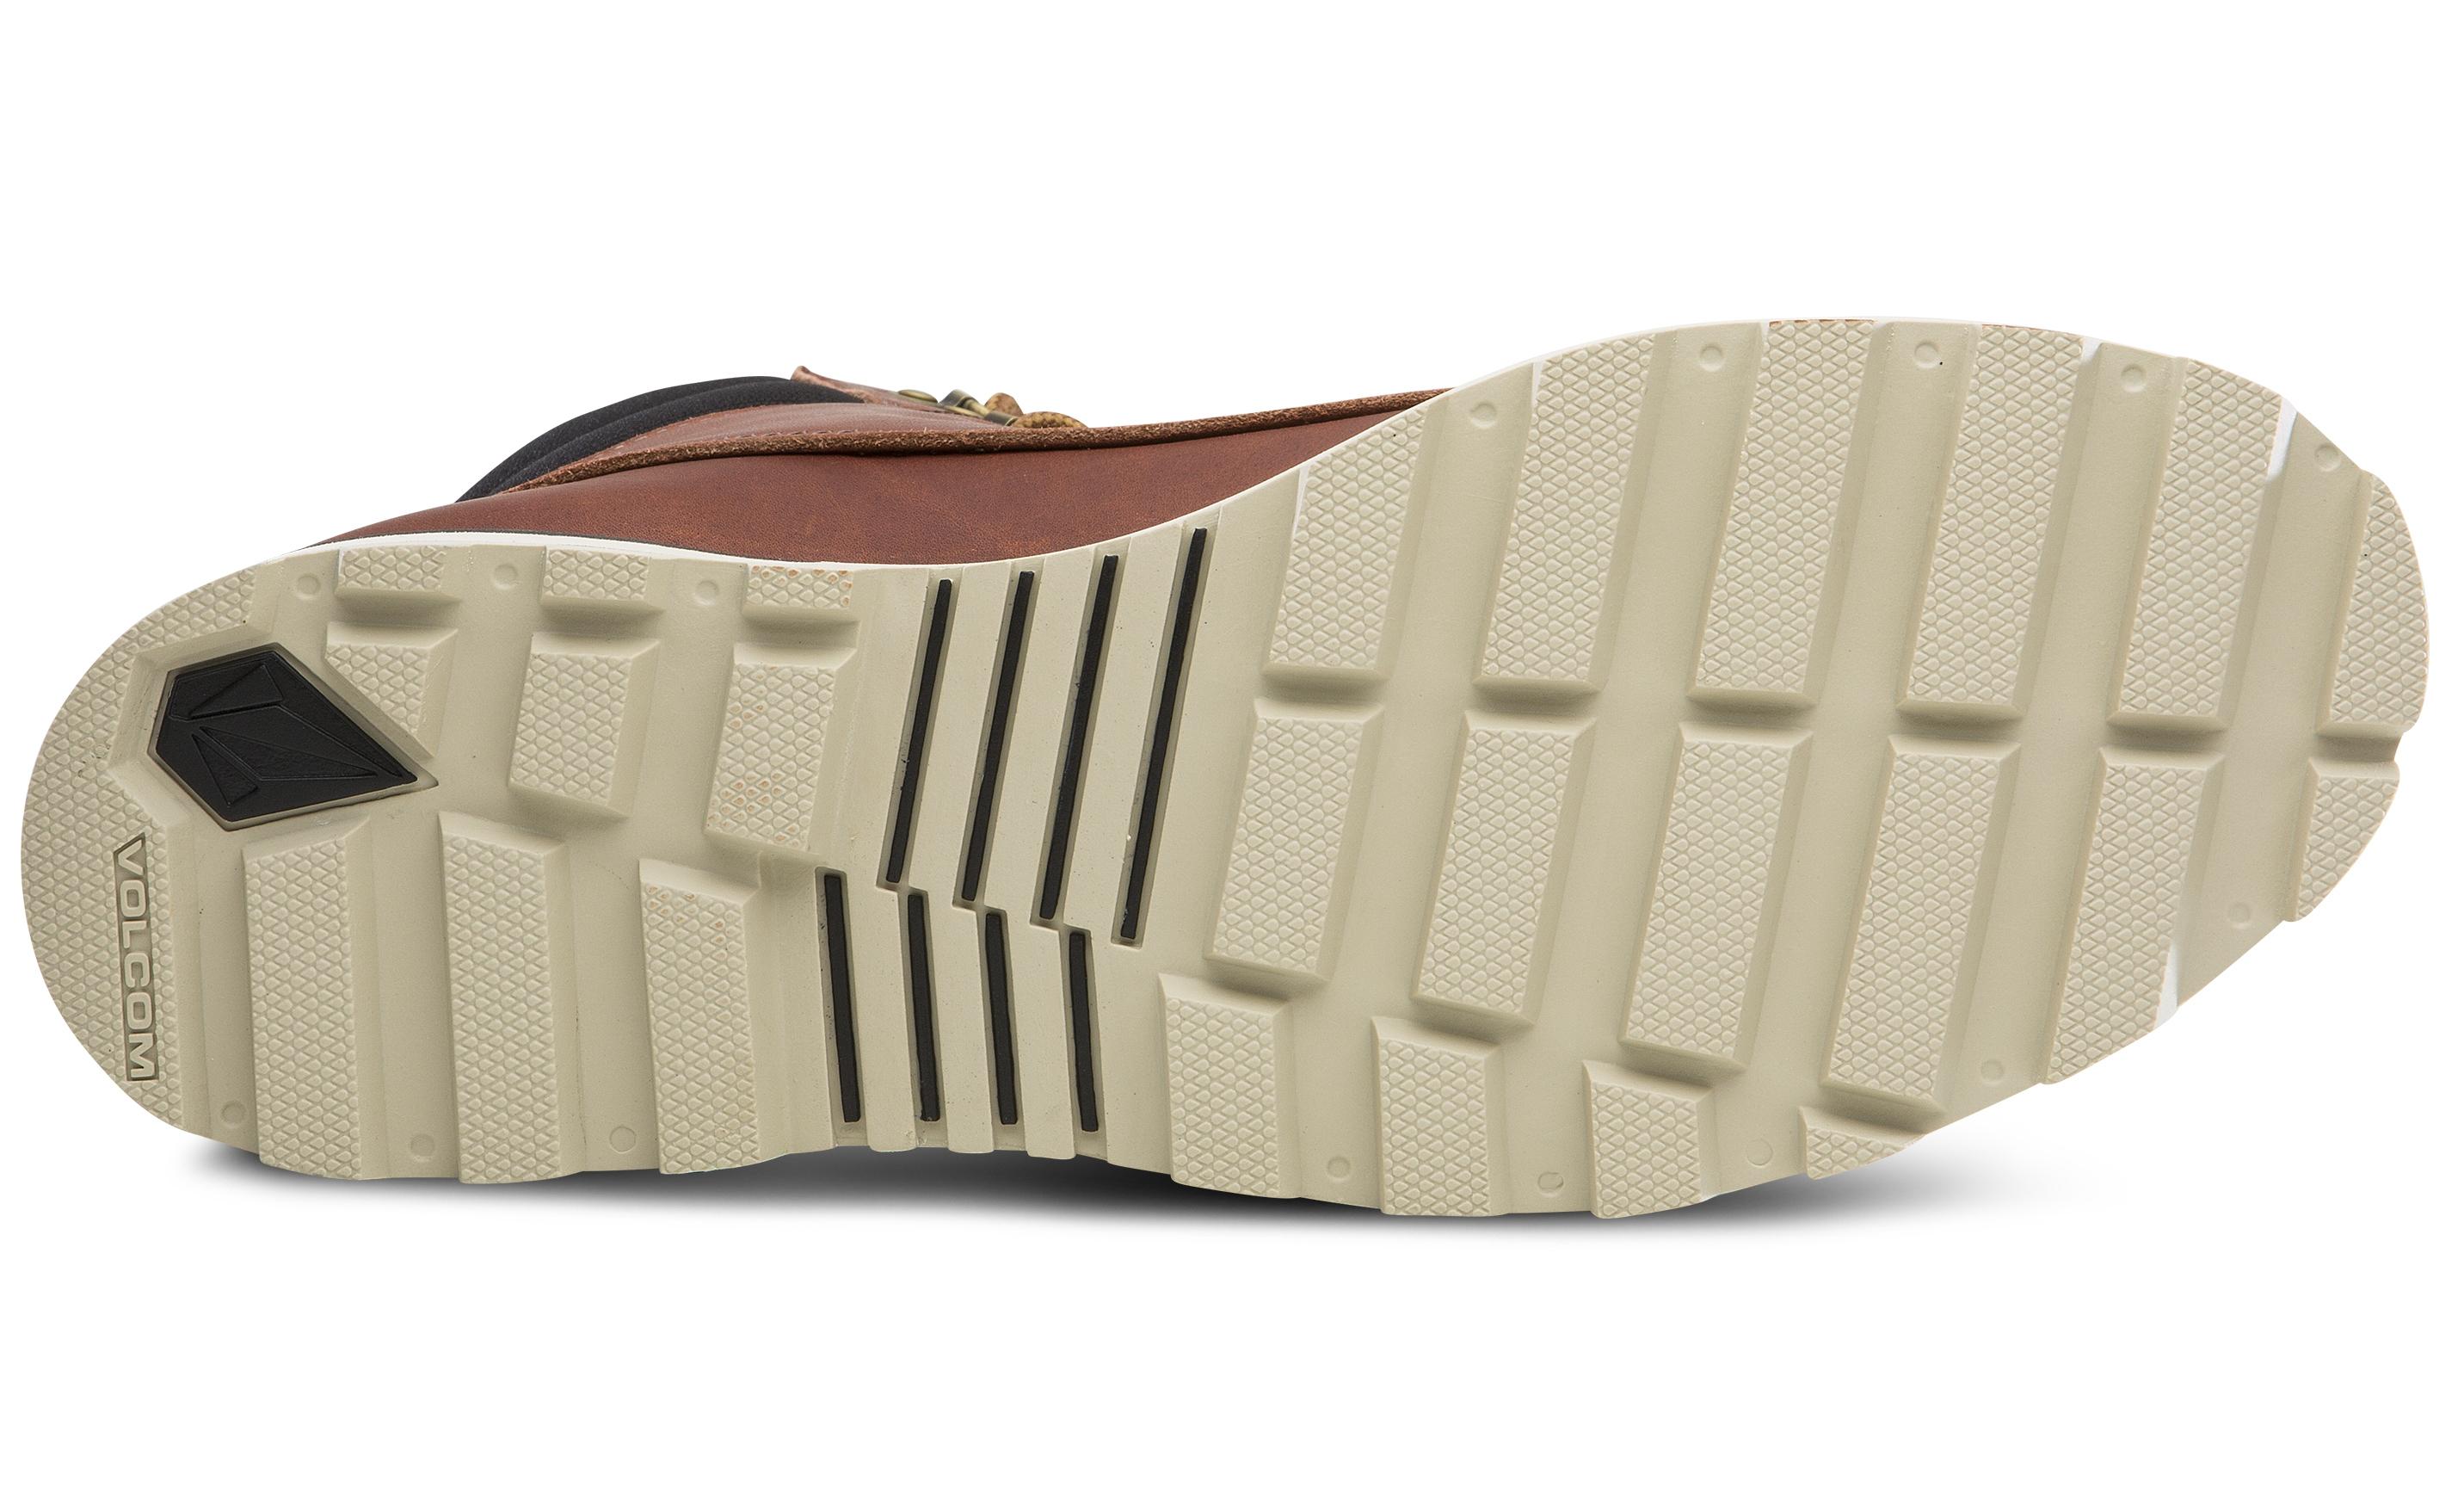 Rust Rust Zero Chaussures Chaussures Volcom Volcom Sub Chaussures Sub Zero Volcom O0k8nwXNP